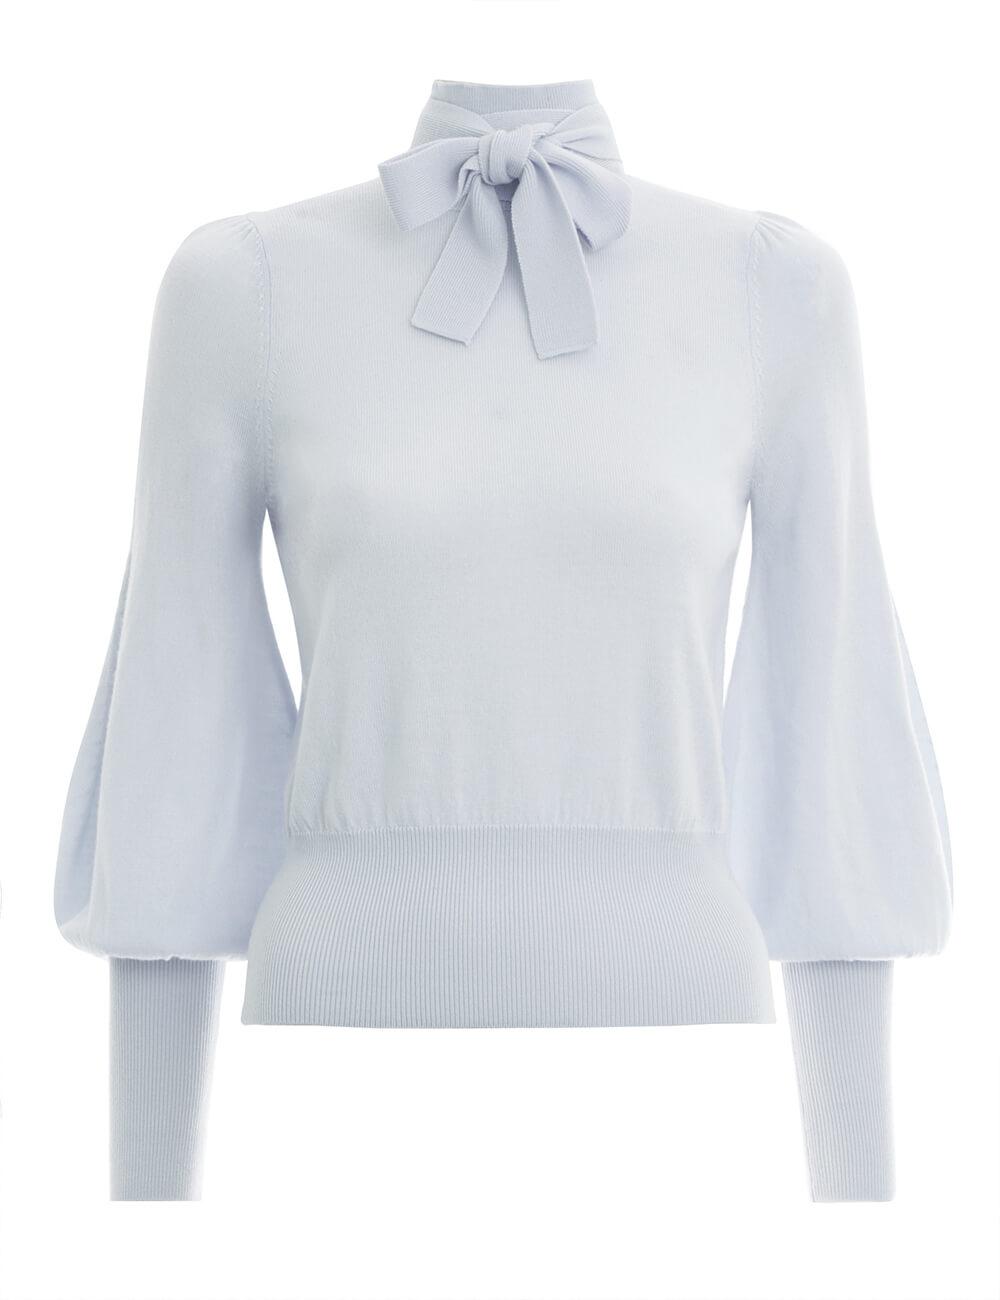 55c4978a6312e4 Shop Women's Designer Tops Online | ZIMMERMANN